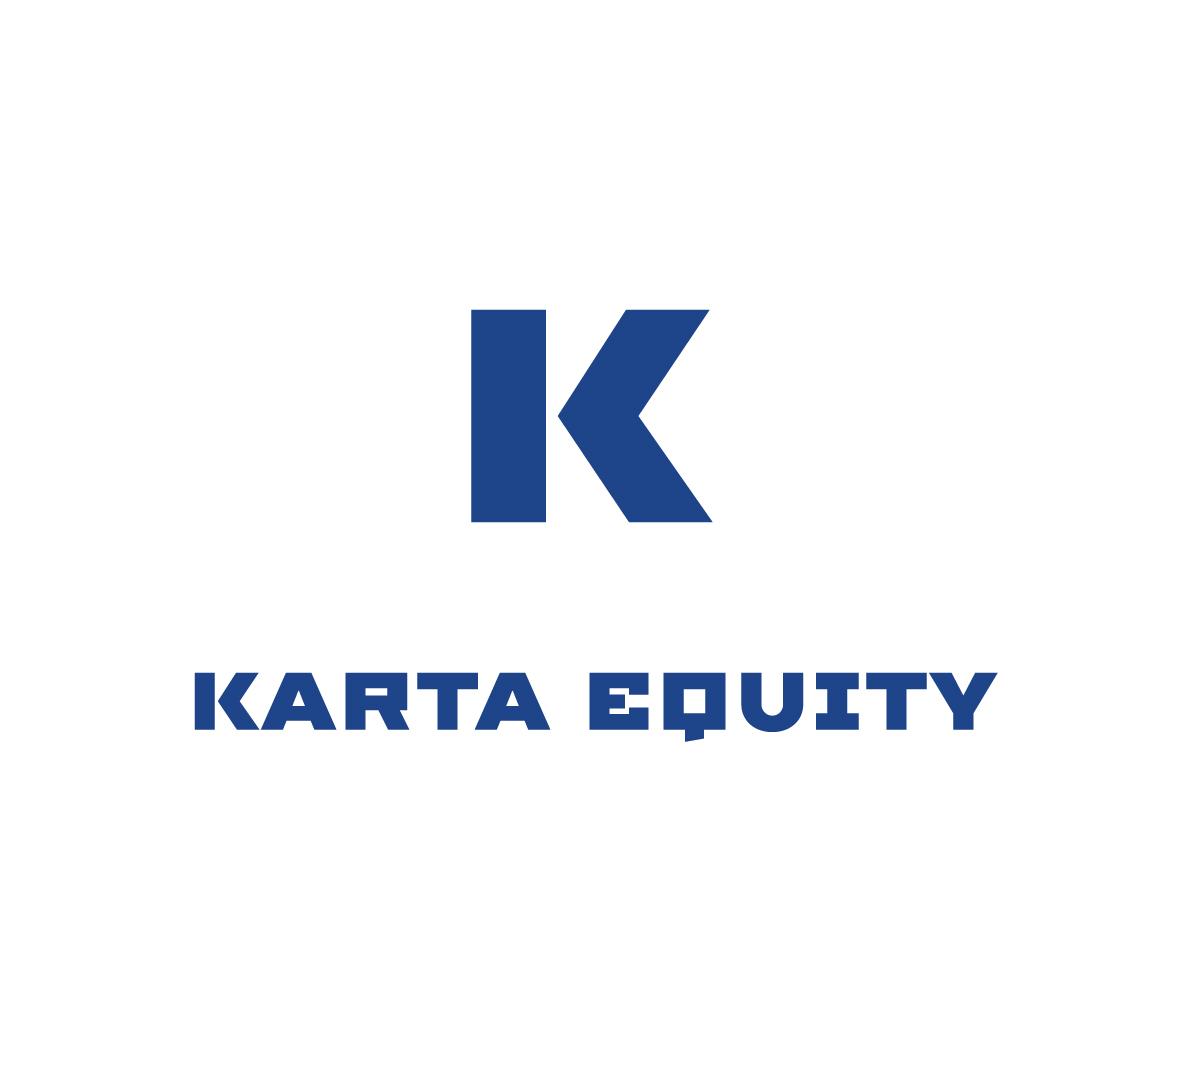 Логотип для компании инвестироваюшей в жилую недвижимость фото f_7235e12439a0ab5c.jpg